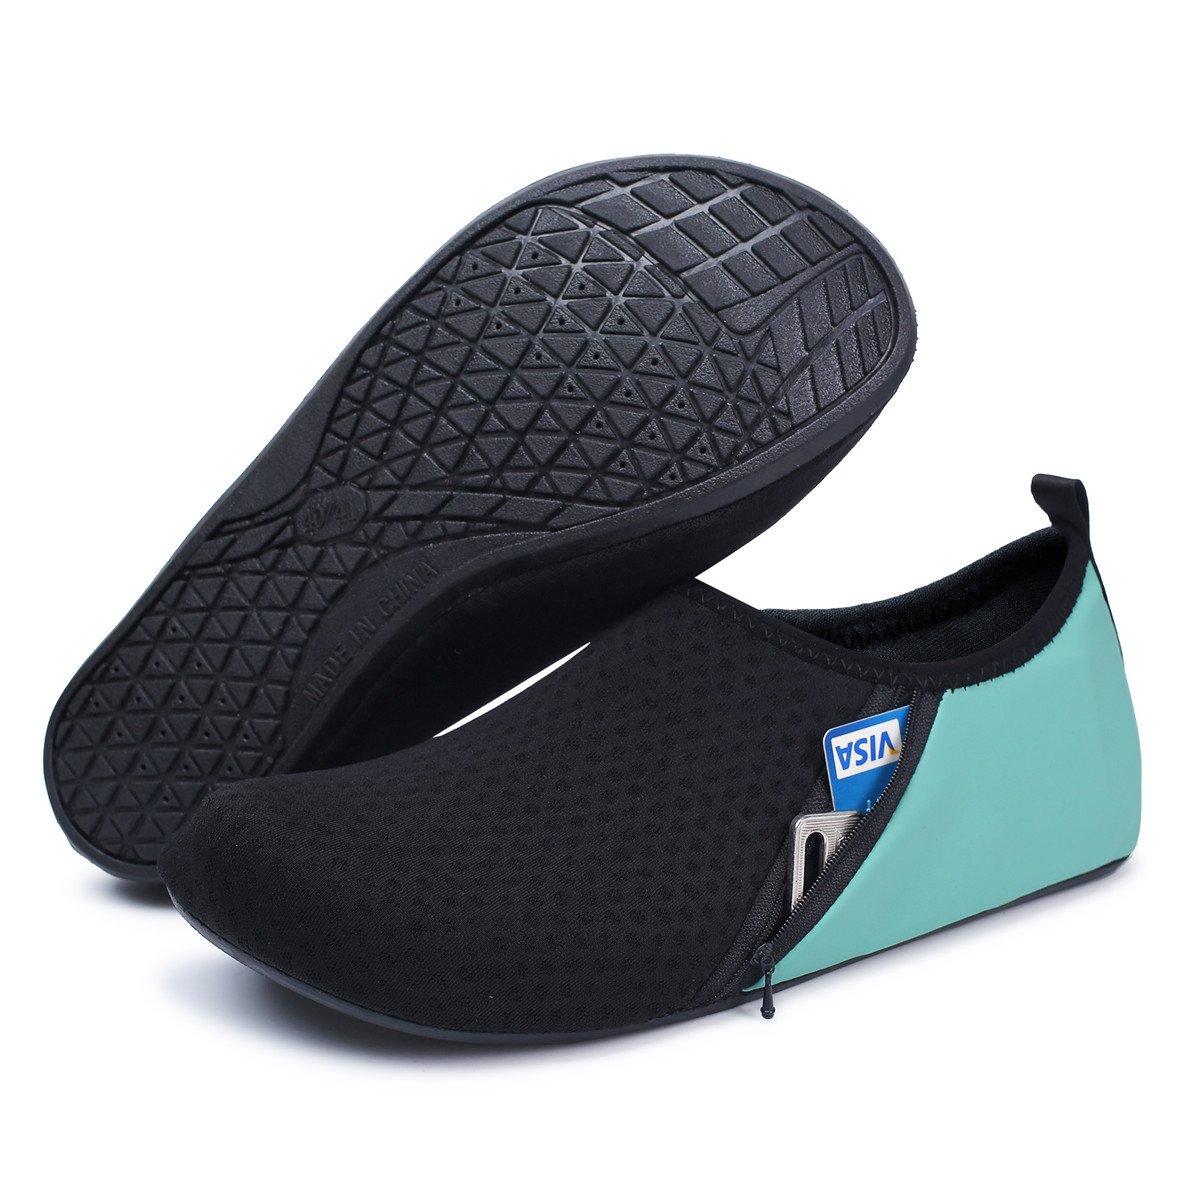 JIASUQI Mens Beach Walking Sandals Water Shoes for Pool Swim Zip Green US 7.5-8.5 Women, 6.5-7.5 Men by JIASUQI (Image #3)